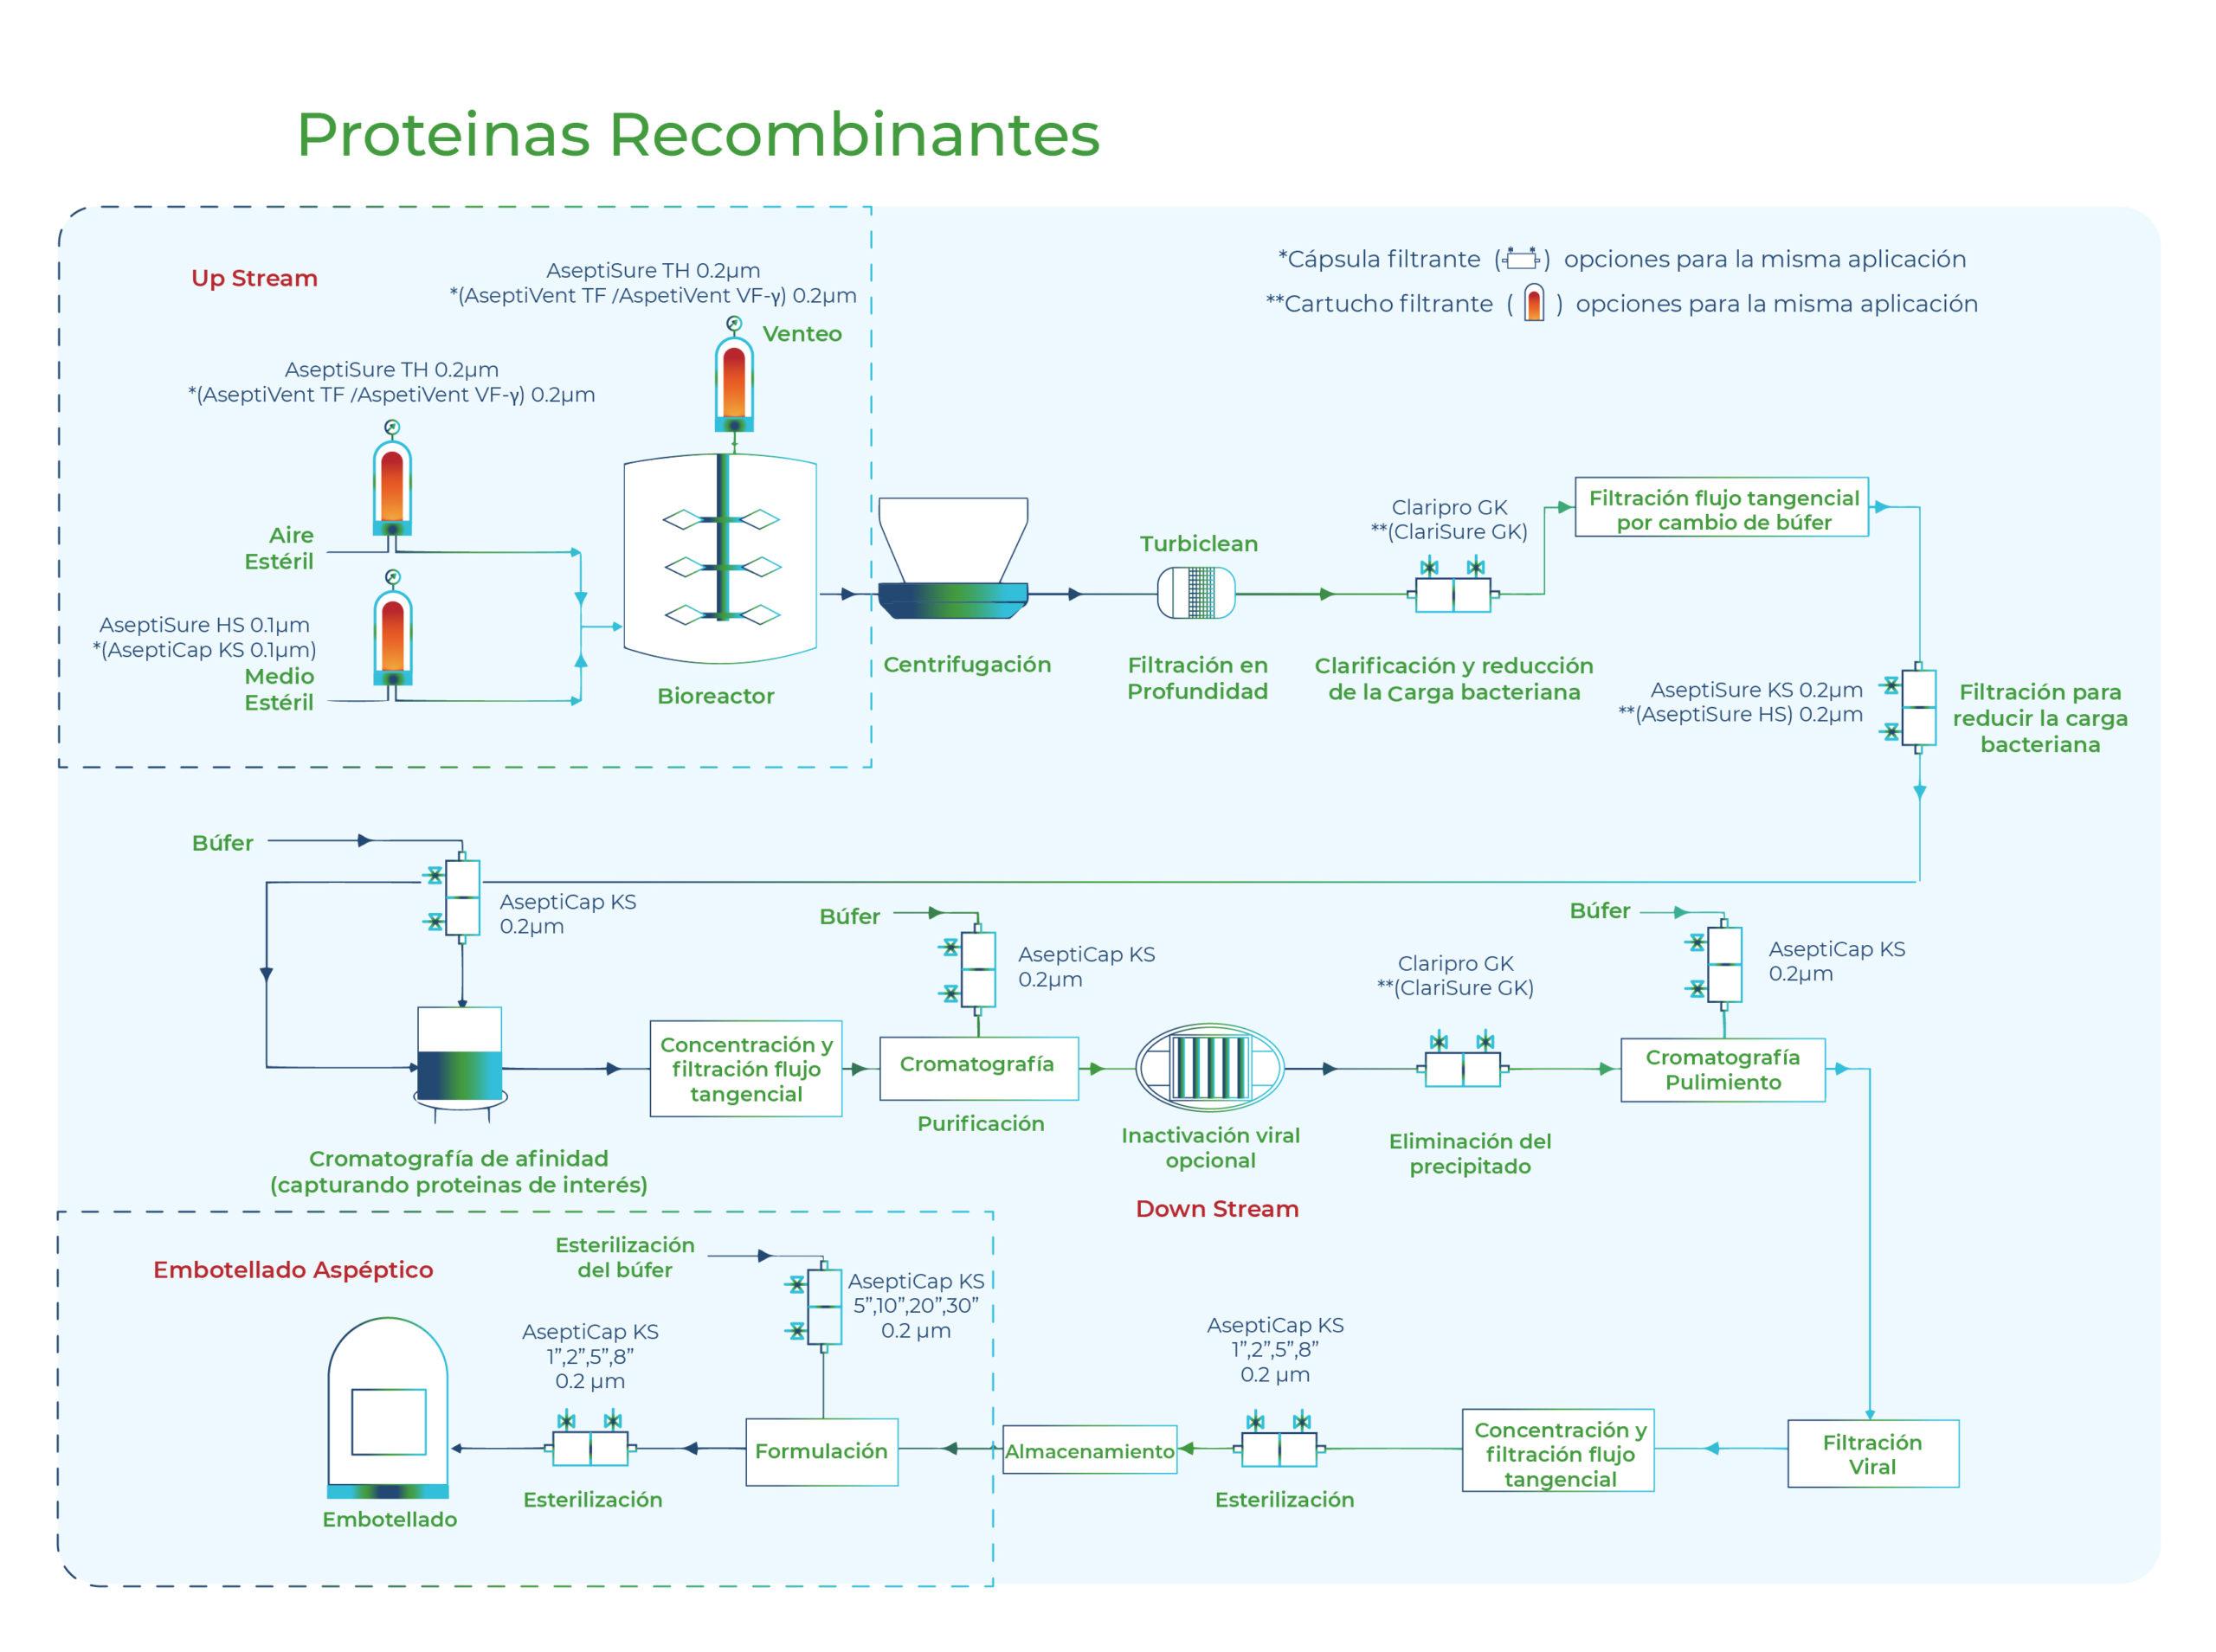 Diagrama Proteinas Recombinantes. Gesfilter